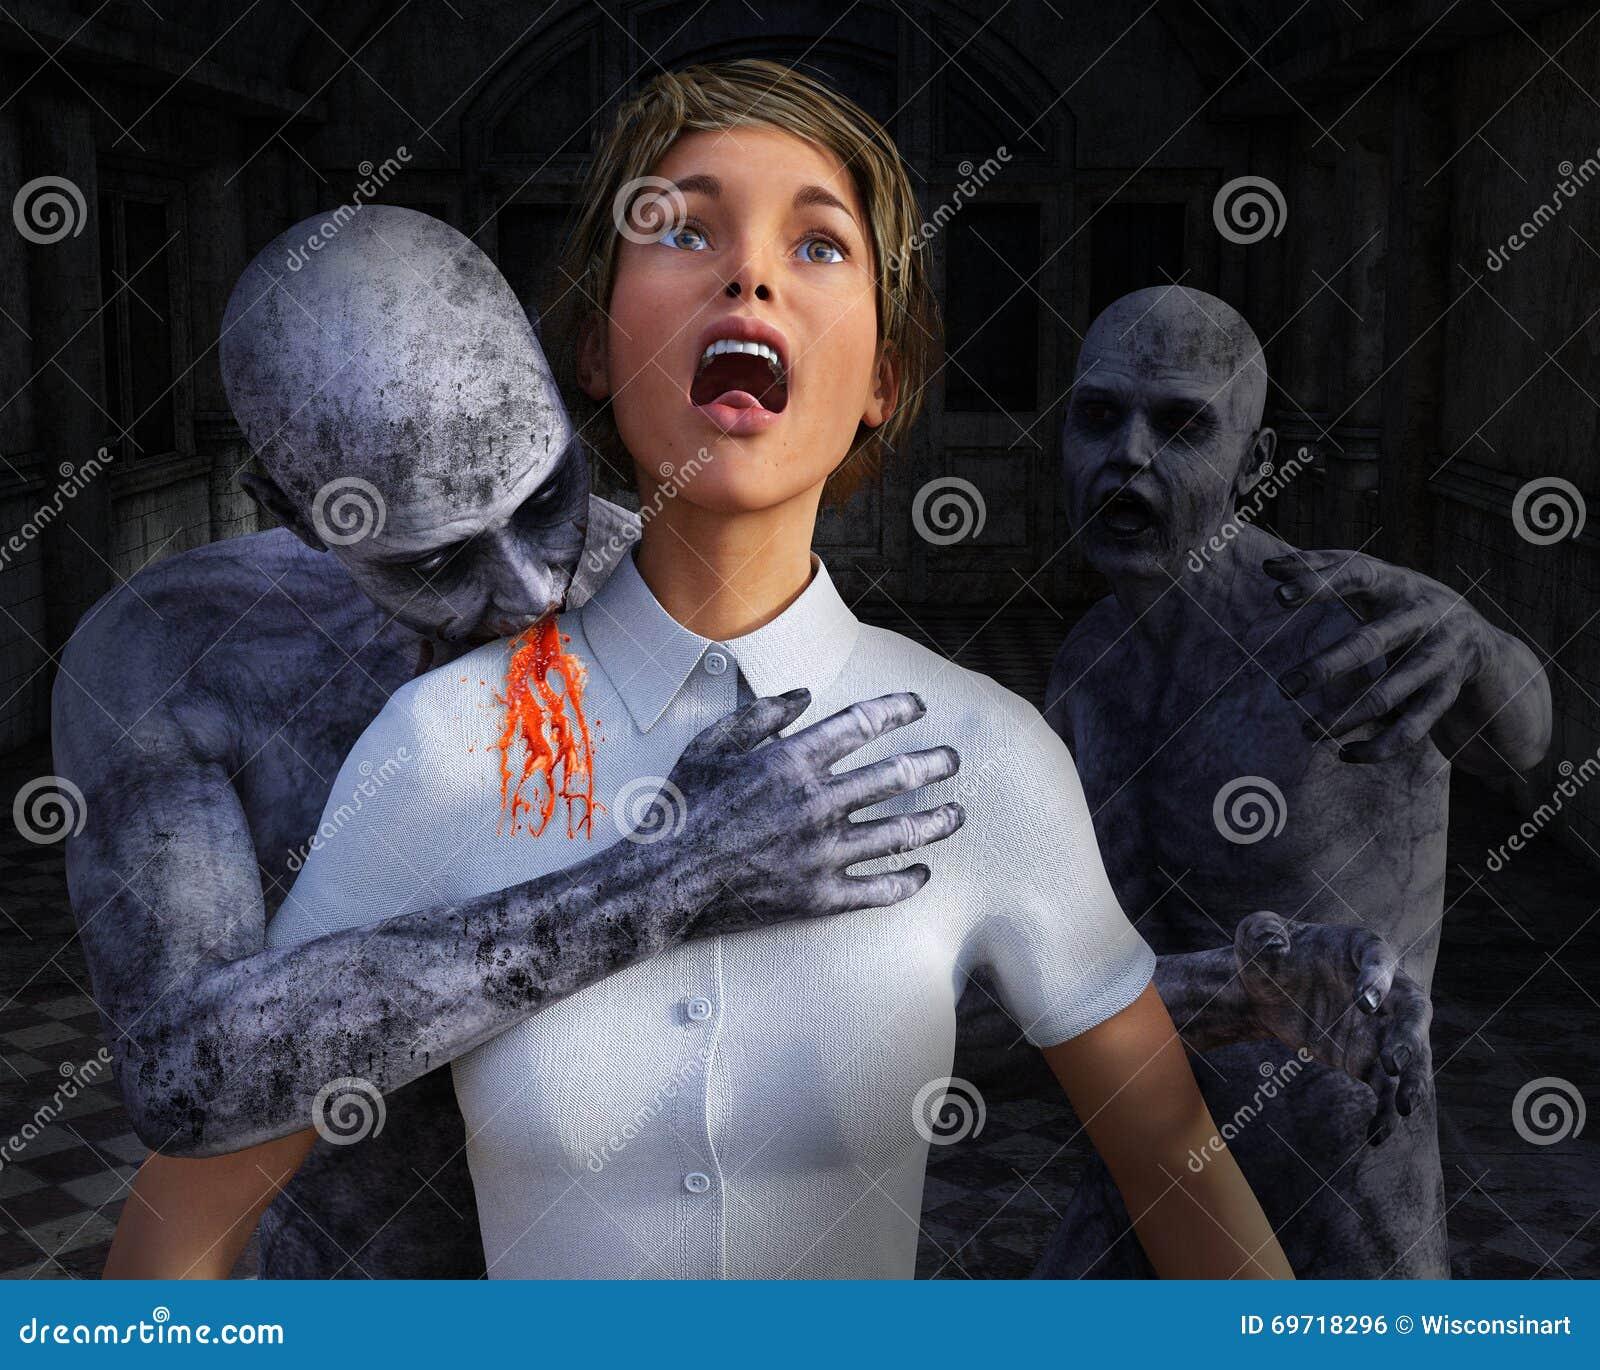 Apocalipse do zombi, vítima de Horro, Dia das Bruxas